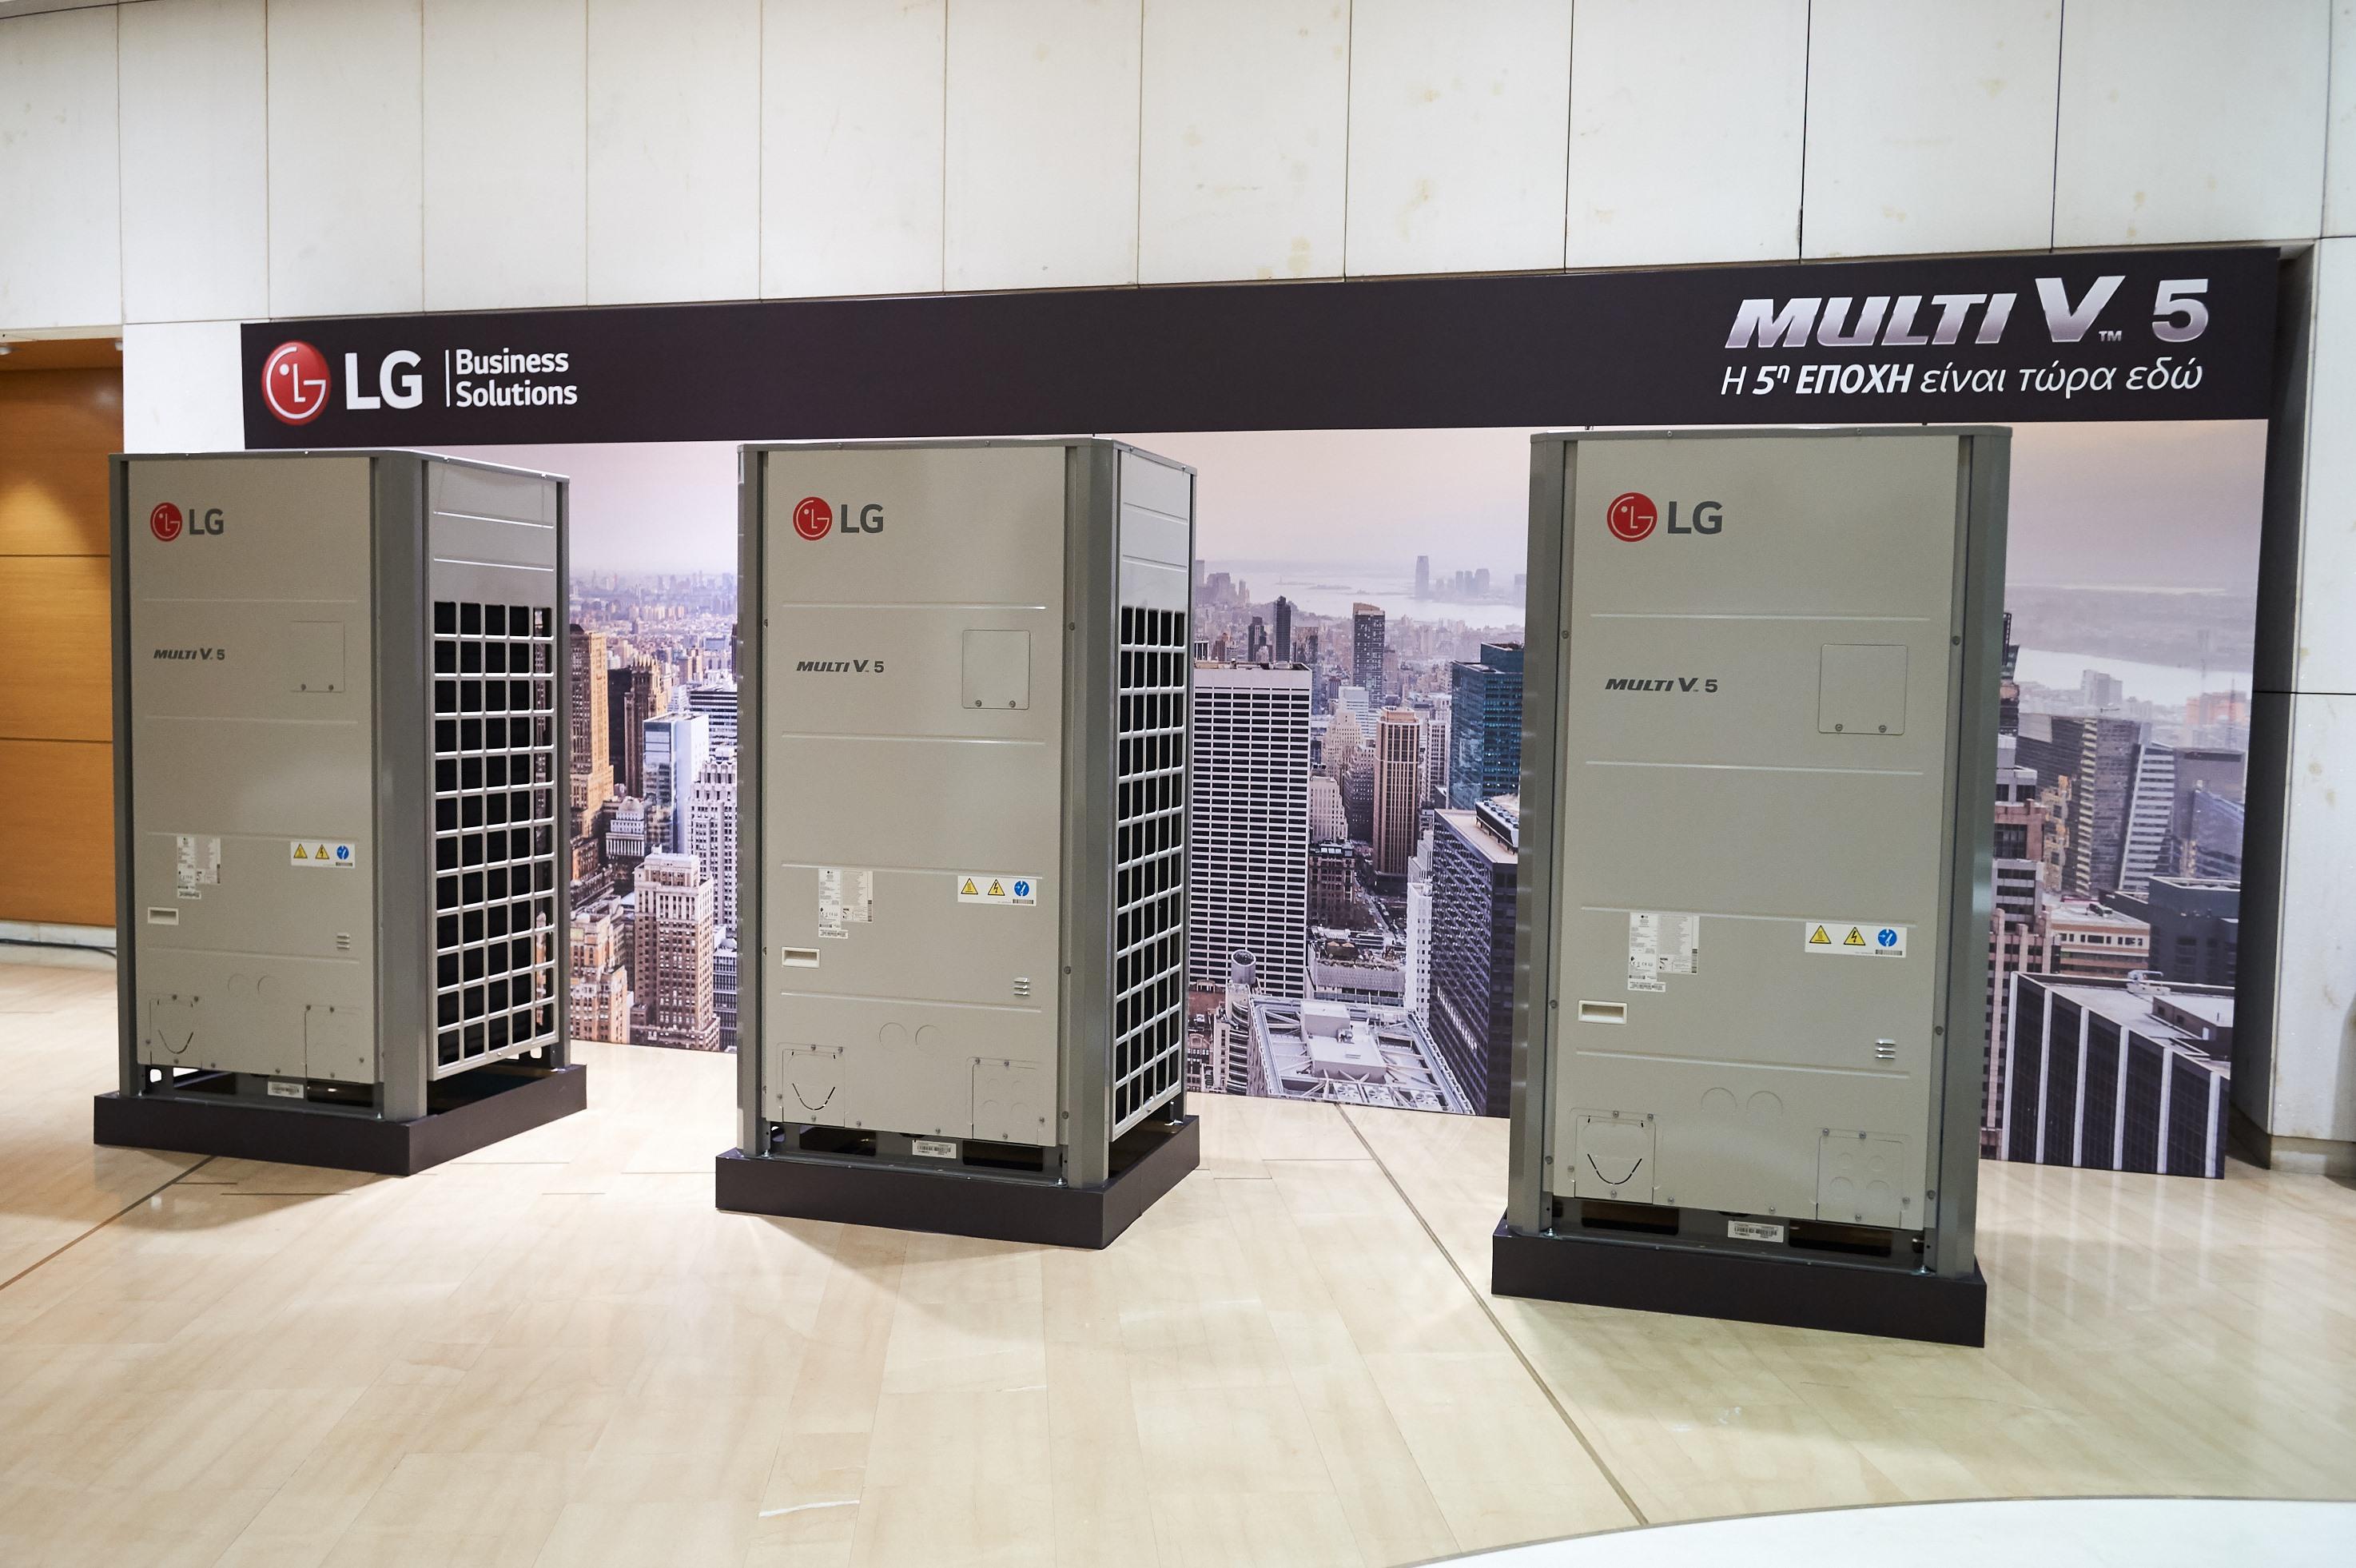 Η LG φέρνει την 5η εποχή στα συστήματα ψύξης-θέρμανσης